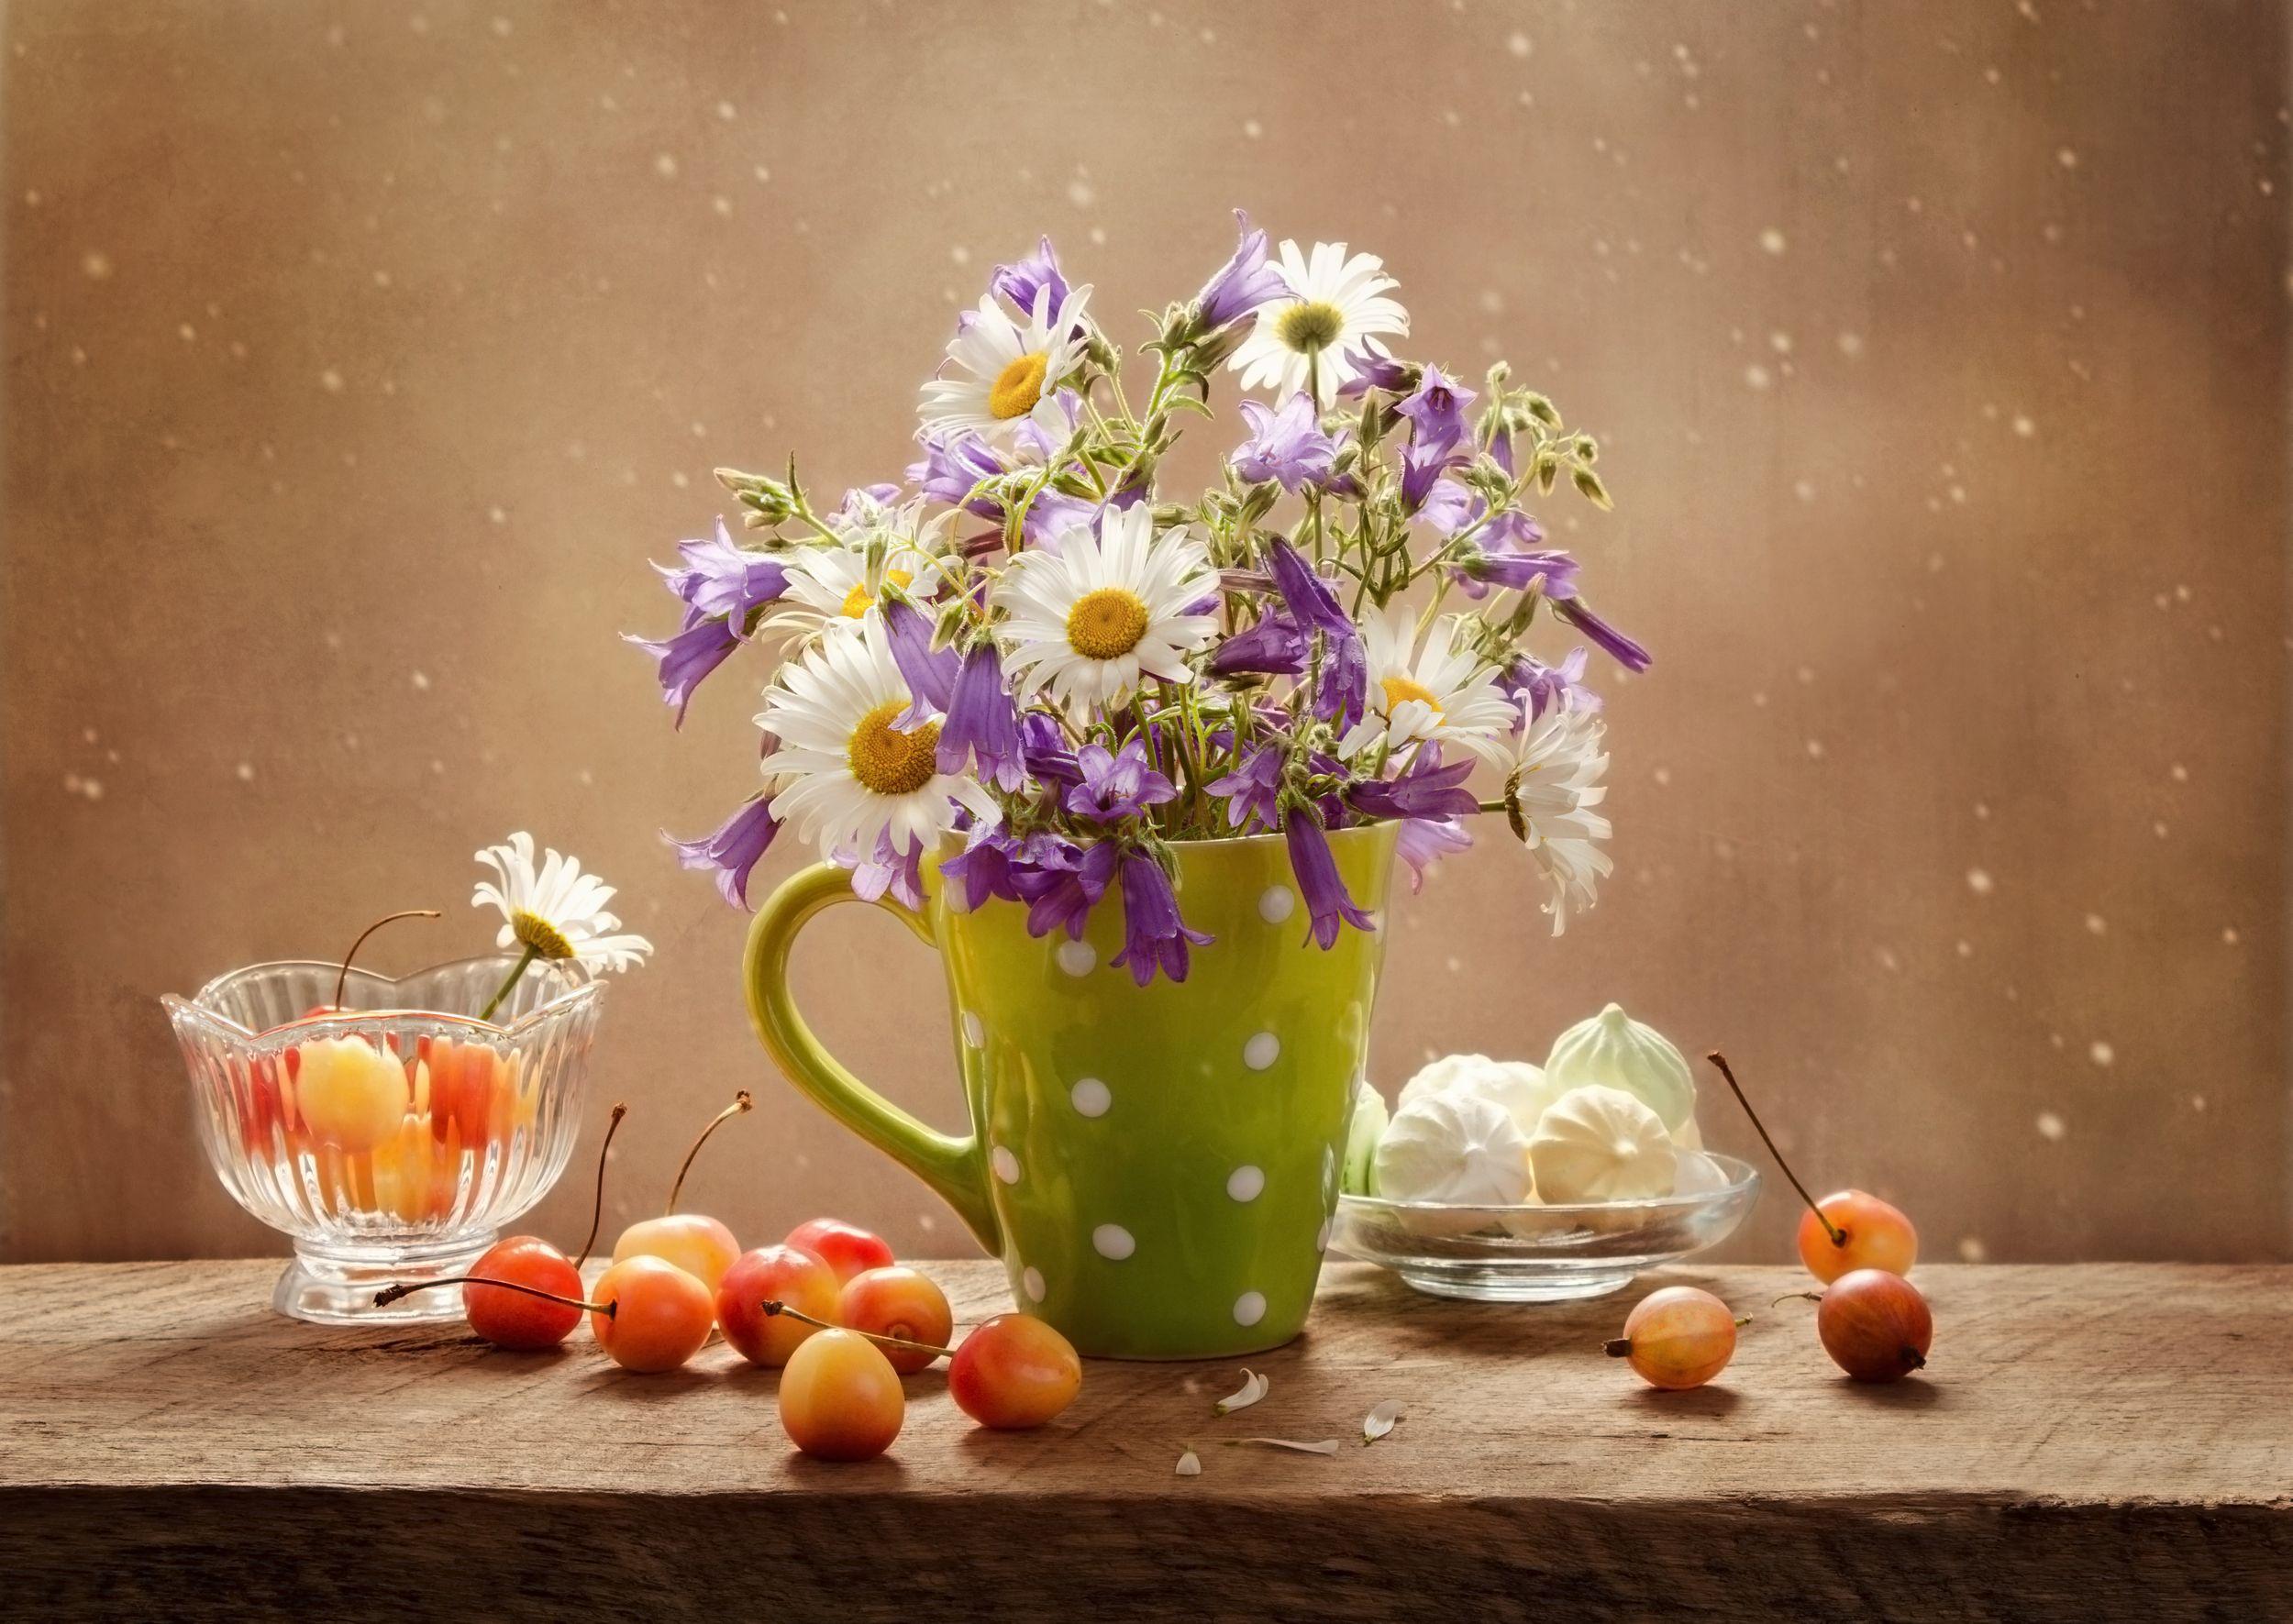 натюрморт, цветы, фрукты, Коцарева Ольга